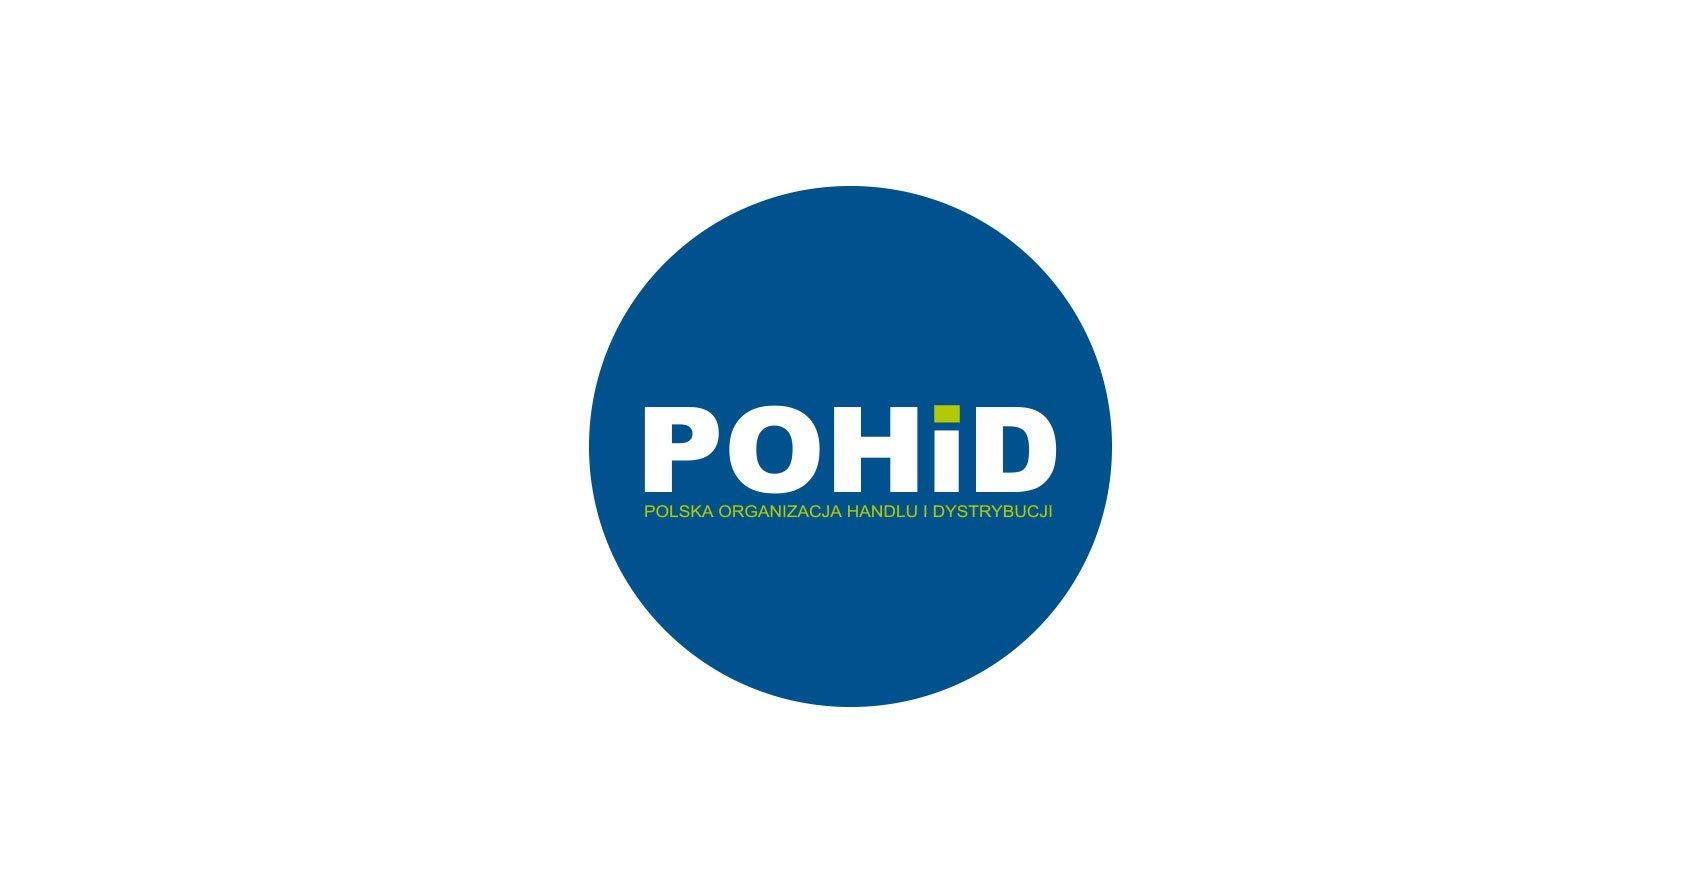 STANOWISKO POHiD ws. utrzymania handlowej niedzieli 28 marca 2021 r. oraz zawieszenia zakazu handlu w niedziele na czas pandemii